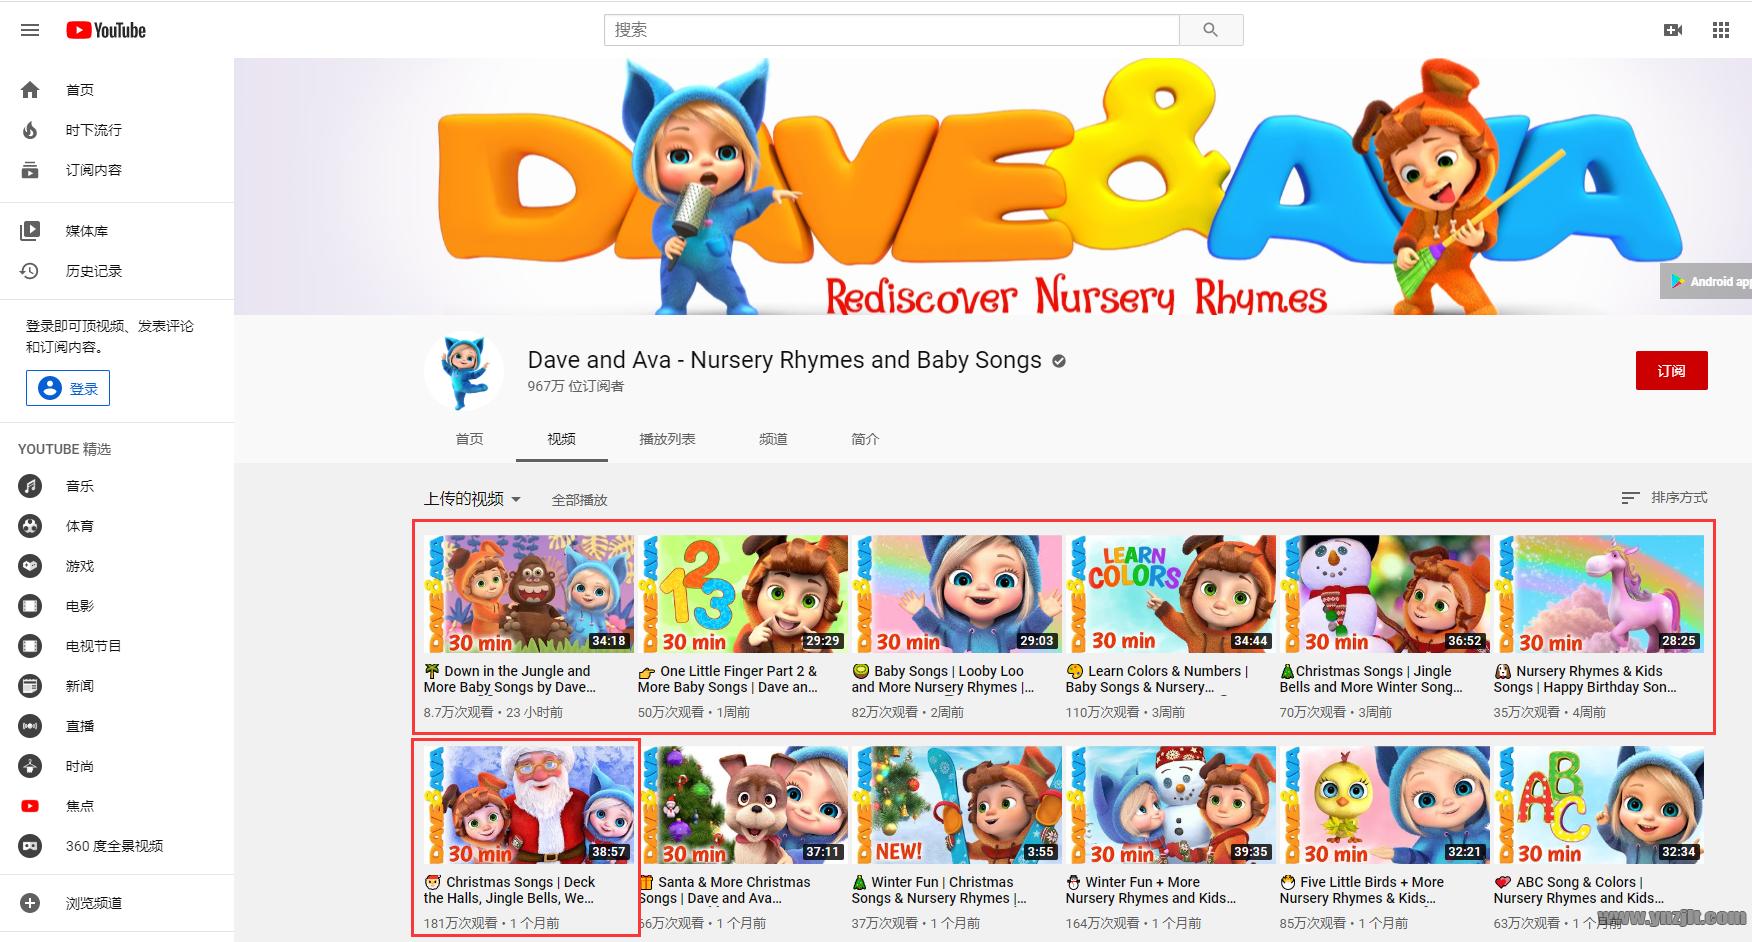 Dave and Ava更新到最新2020年01月17日,增加7集视频,百度网盘下载